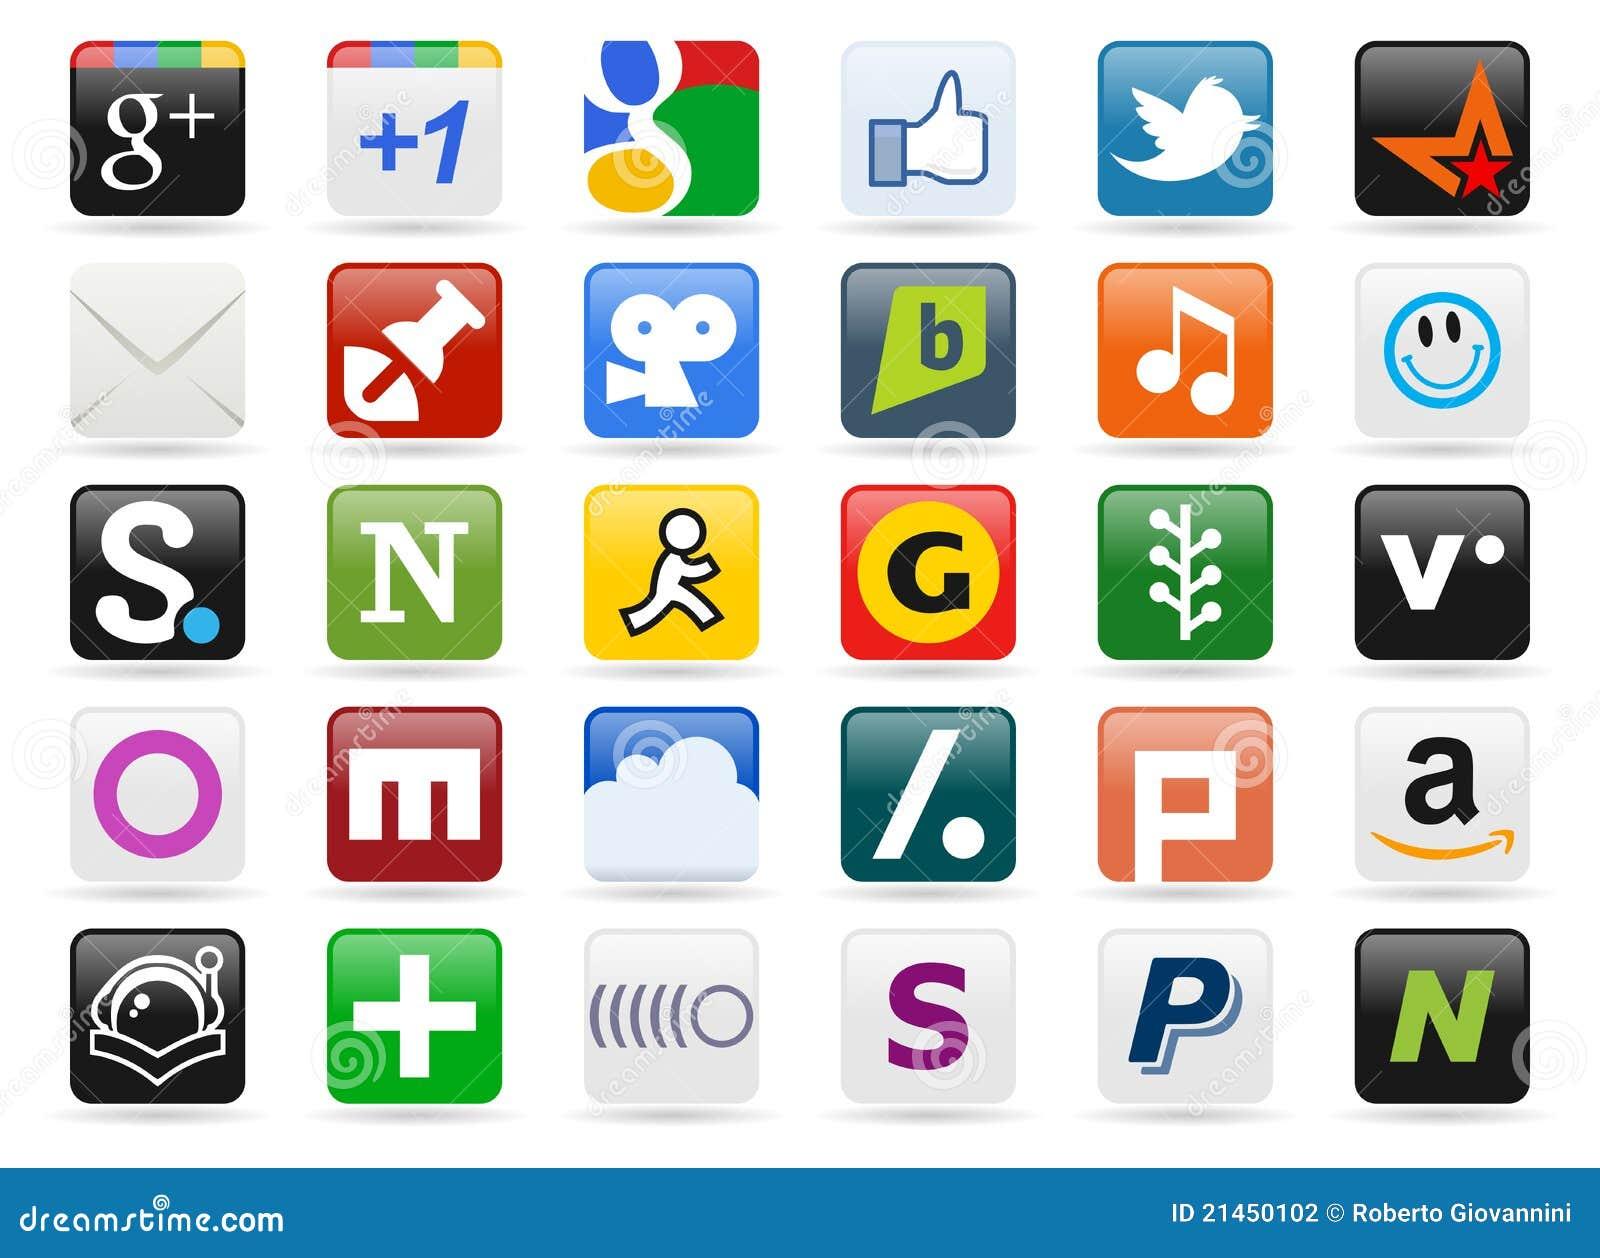 Social Media Buttons [2]